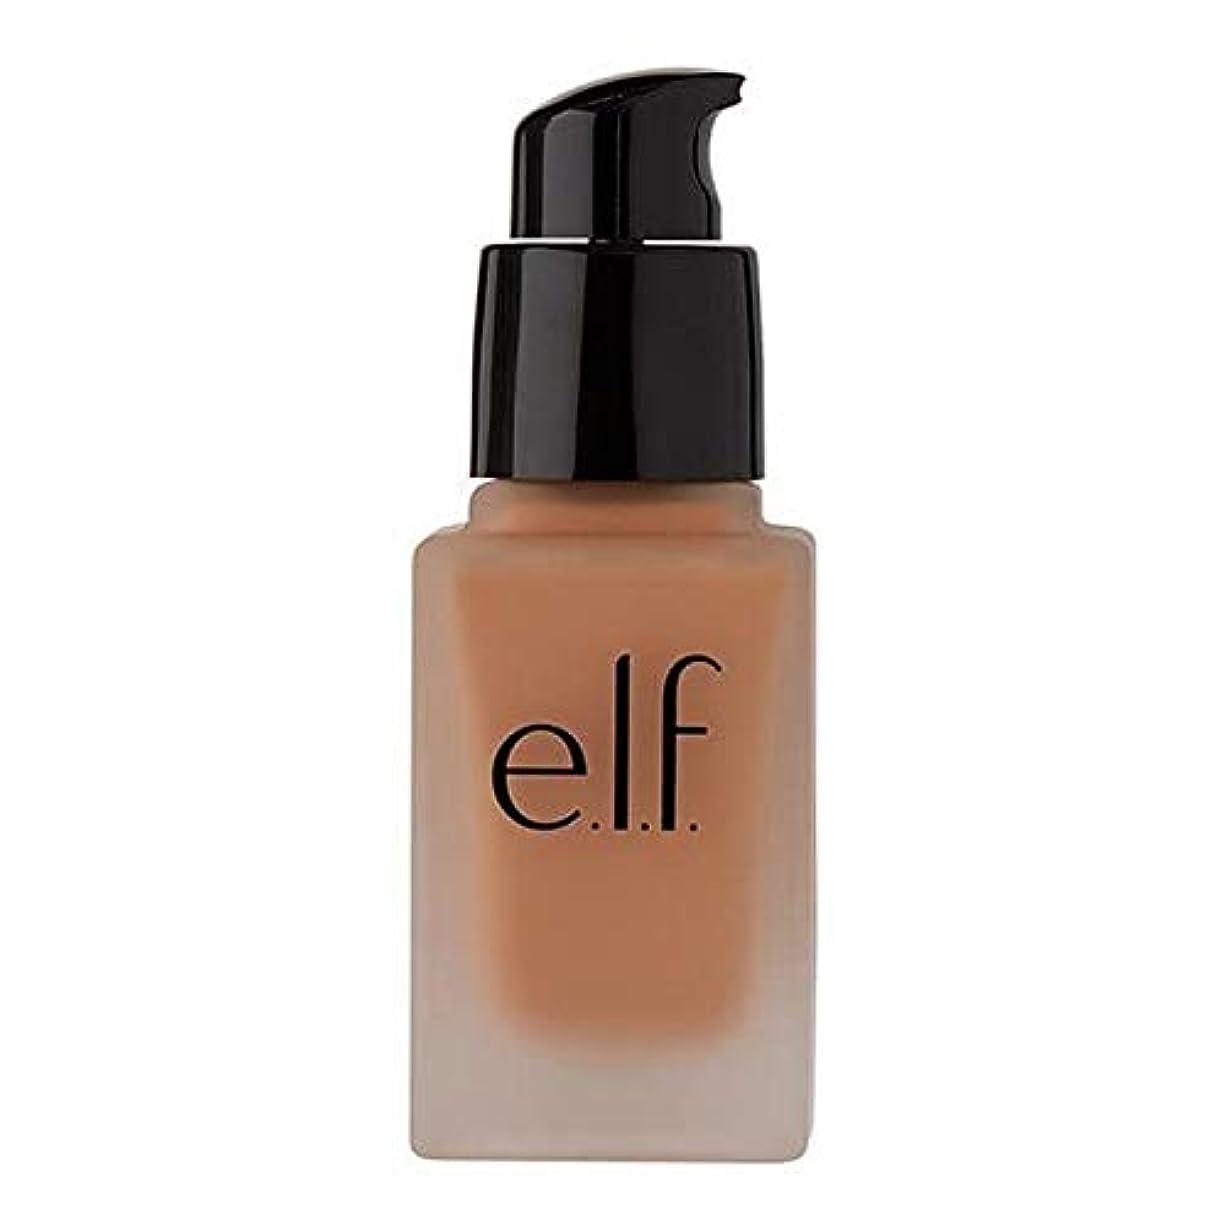 反対した電気的潜在的な[Elf ] エルフ。完璧な仕上がりのファンデーションSpf 15キャラメル - e.l.f. Flawless Finish Foundation SPF 15 Caramel [並行輸入品]